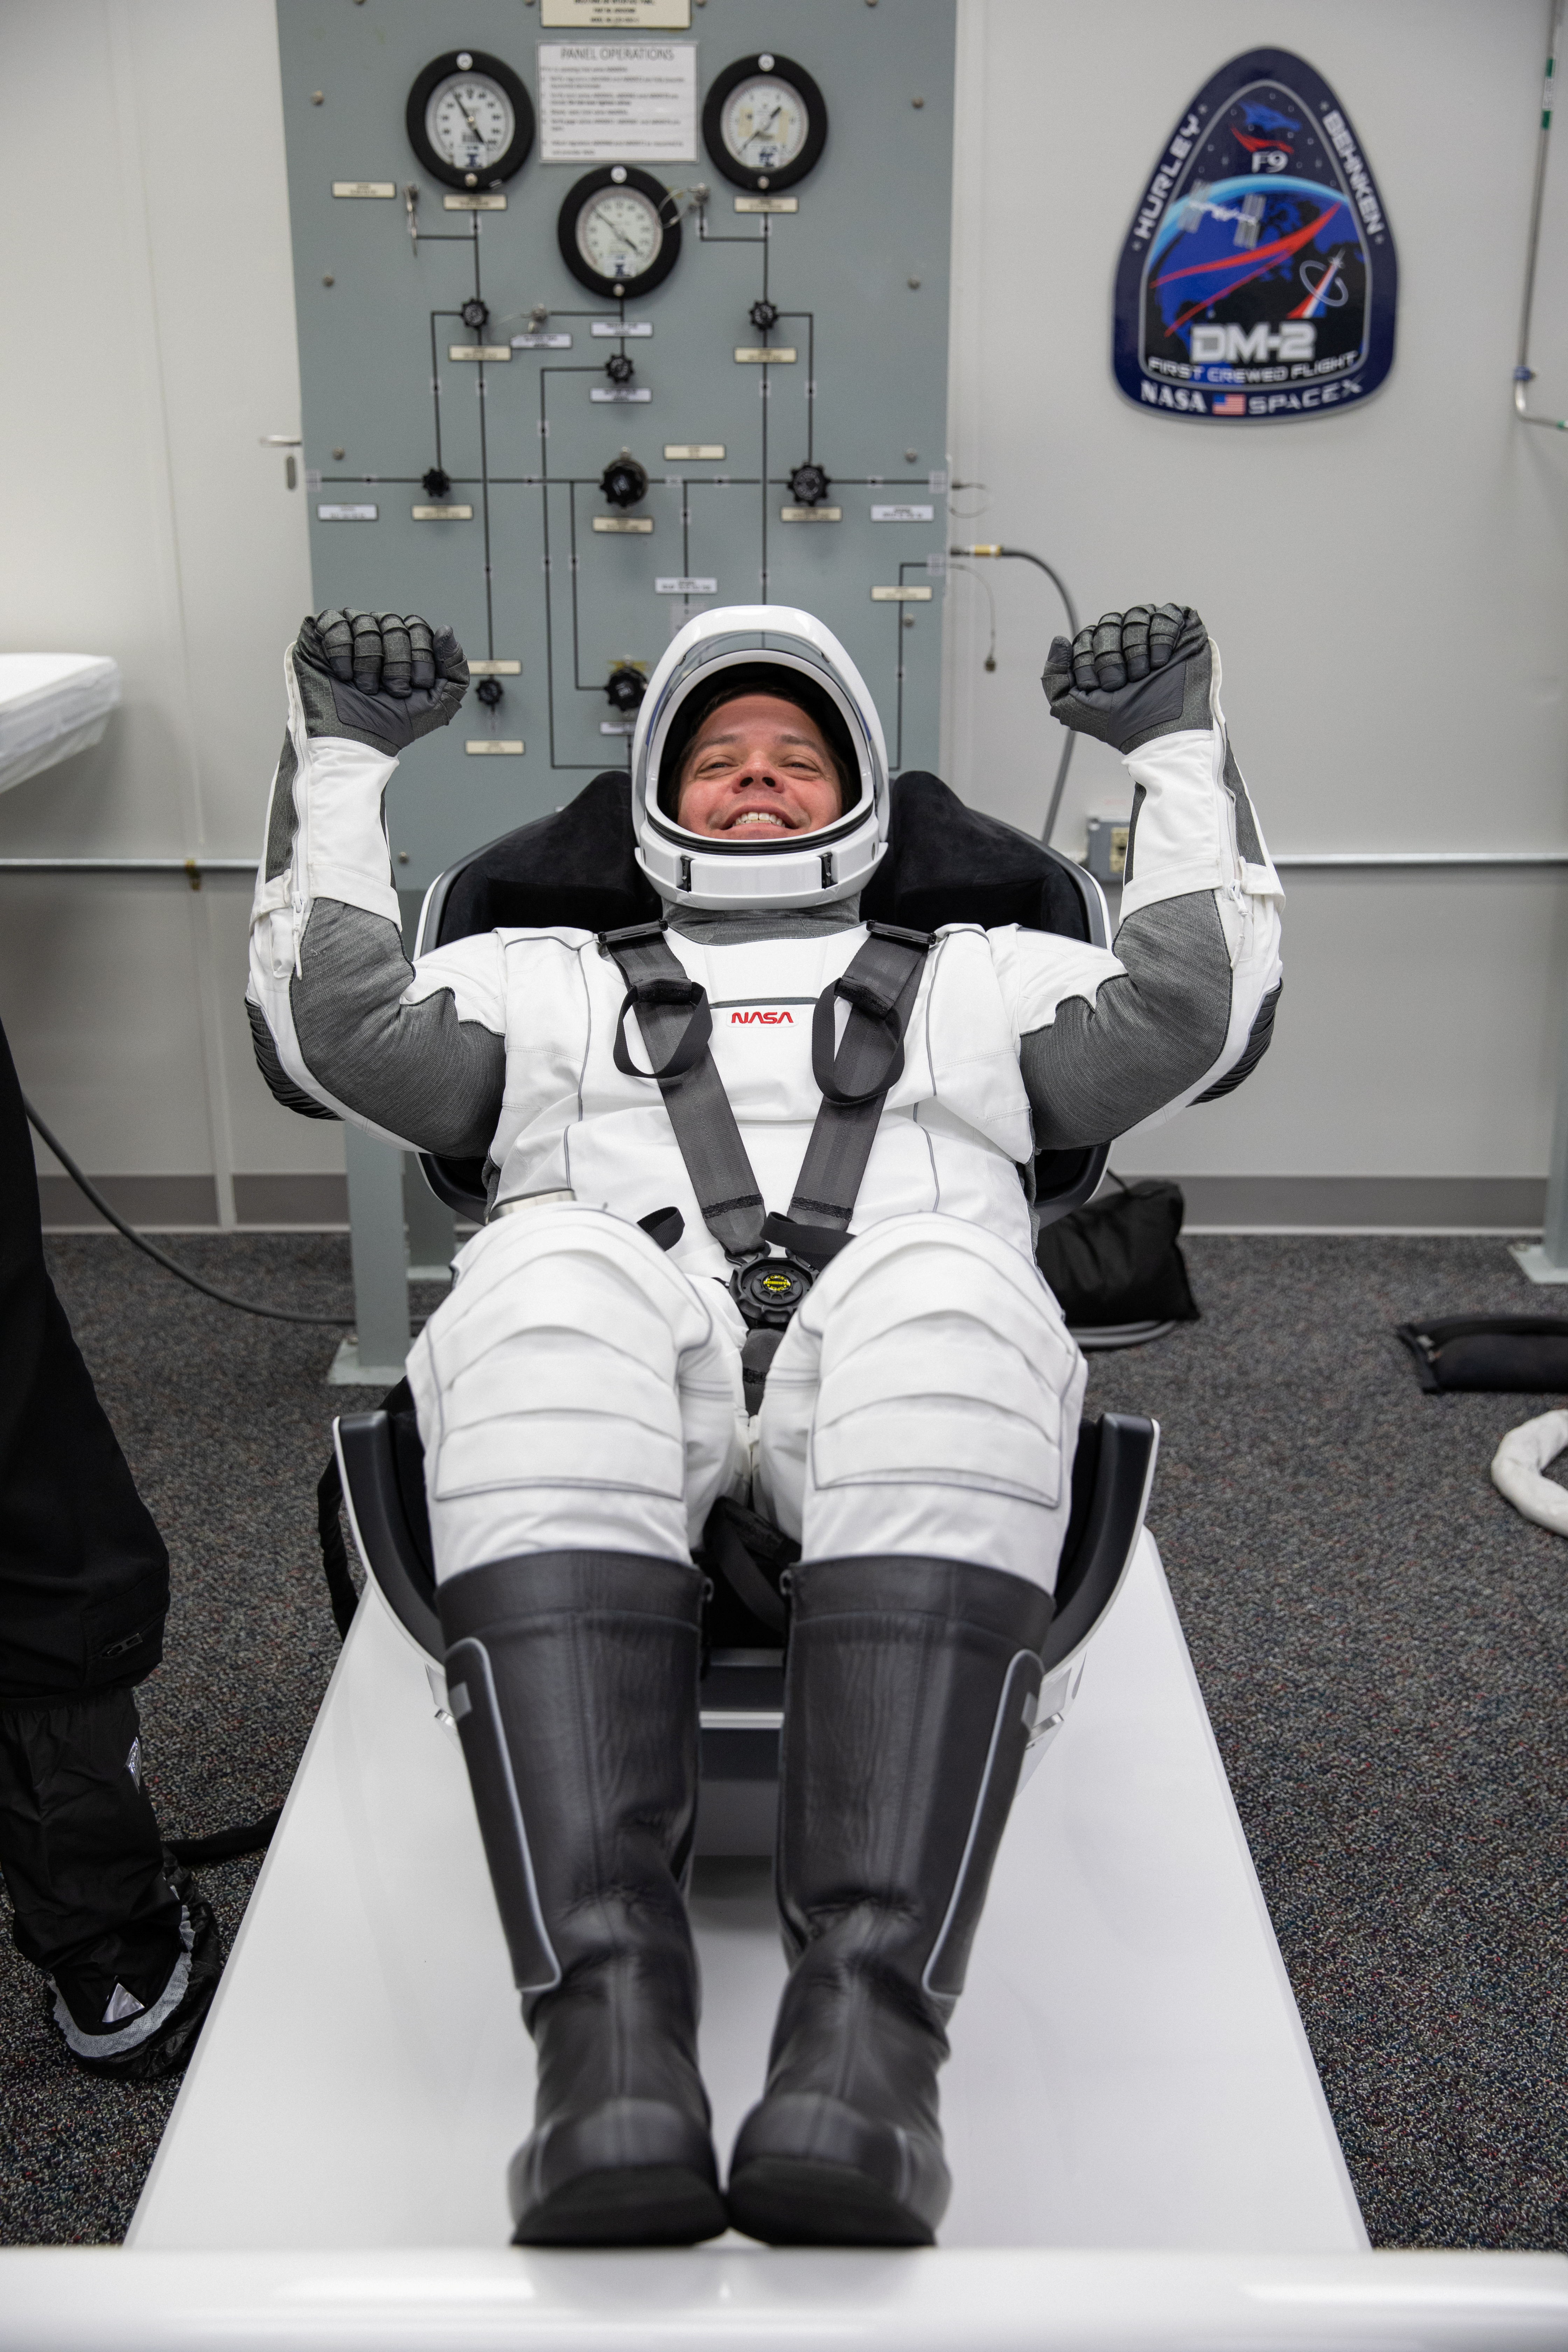 El astronauta Robert Behnken prueba su nuevo traje (NASA/Kim Shiflett via REUTERS)